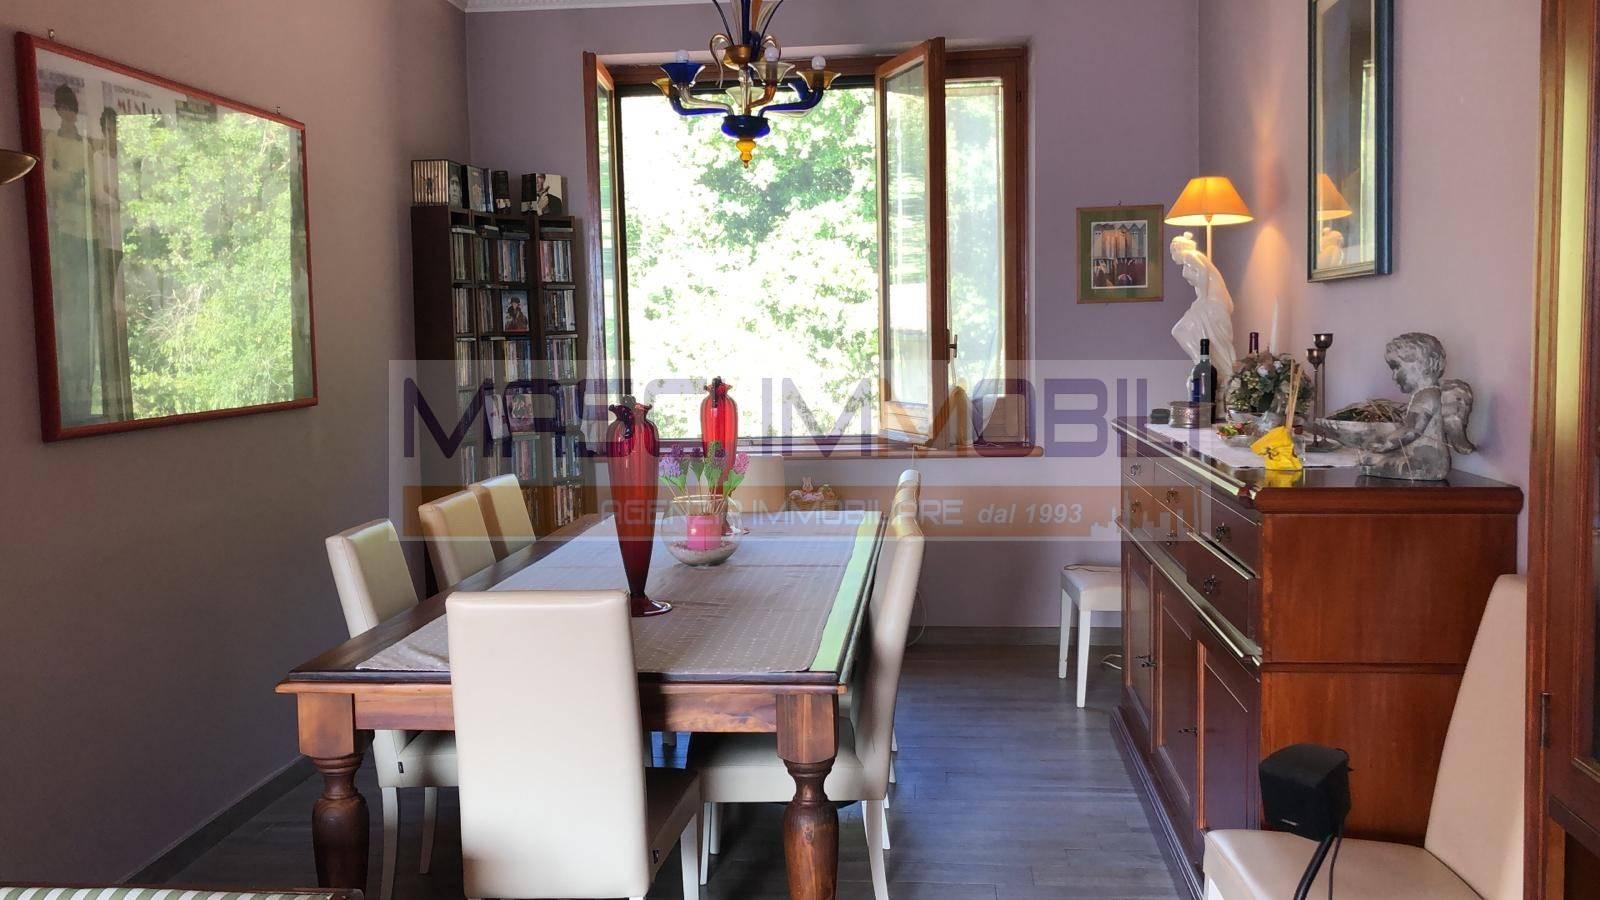 Villa in vendita a Sant'Oreste, 6 locali, prezzo € 230.000 | CambioCasa.it